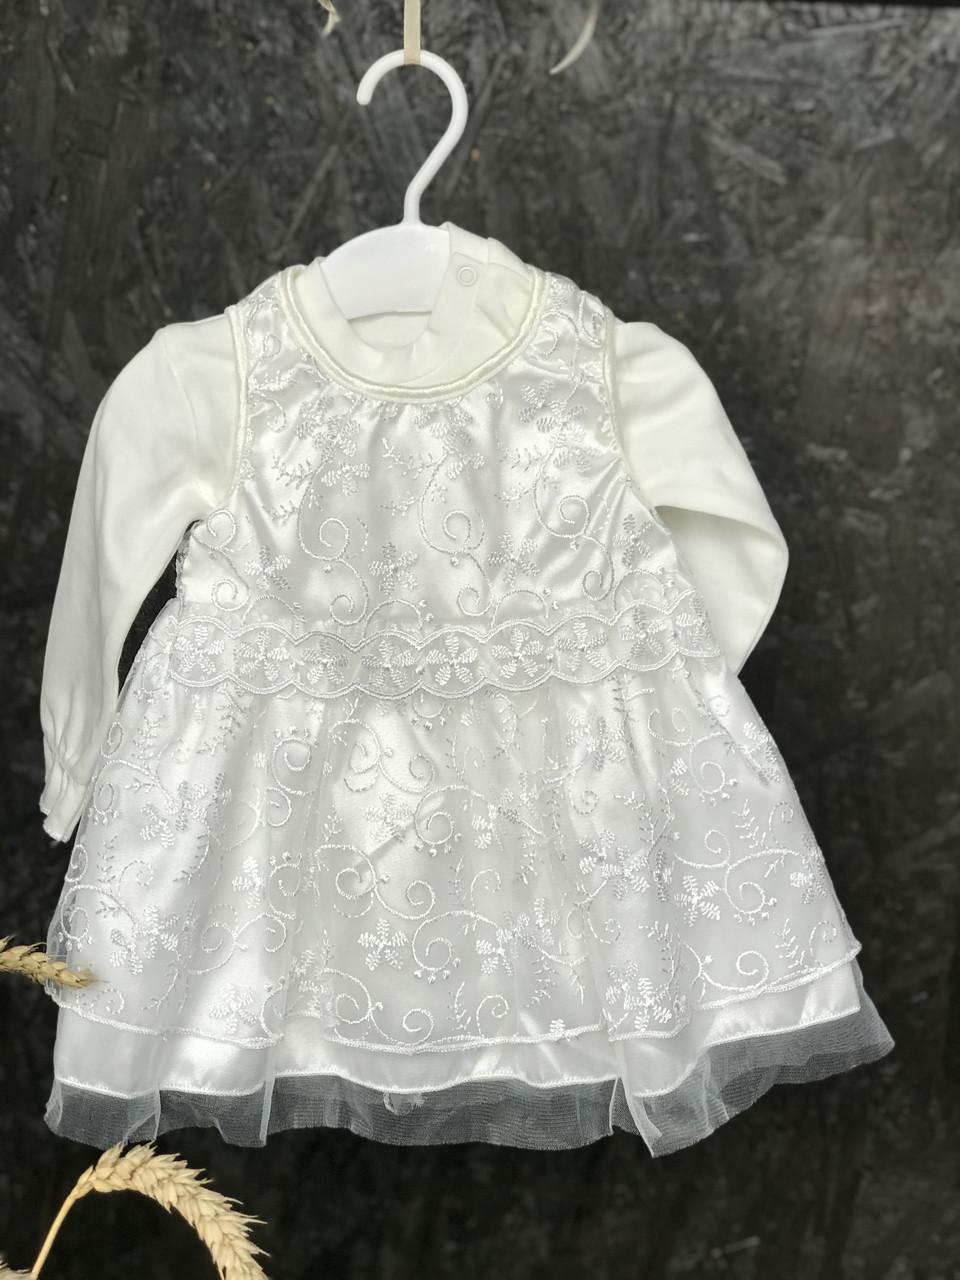 """Плаття для новонародженої дівчинки """"Адель"""" на 0-1 міс (+ в подарунок пінетки, пов'язка)."""